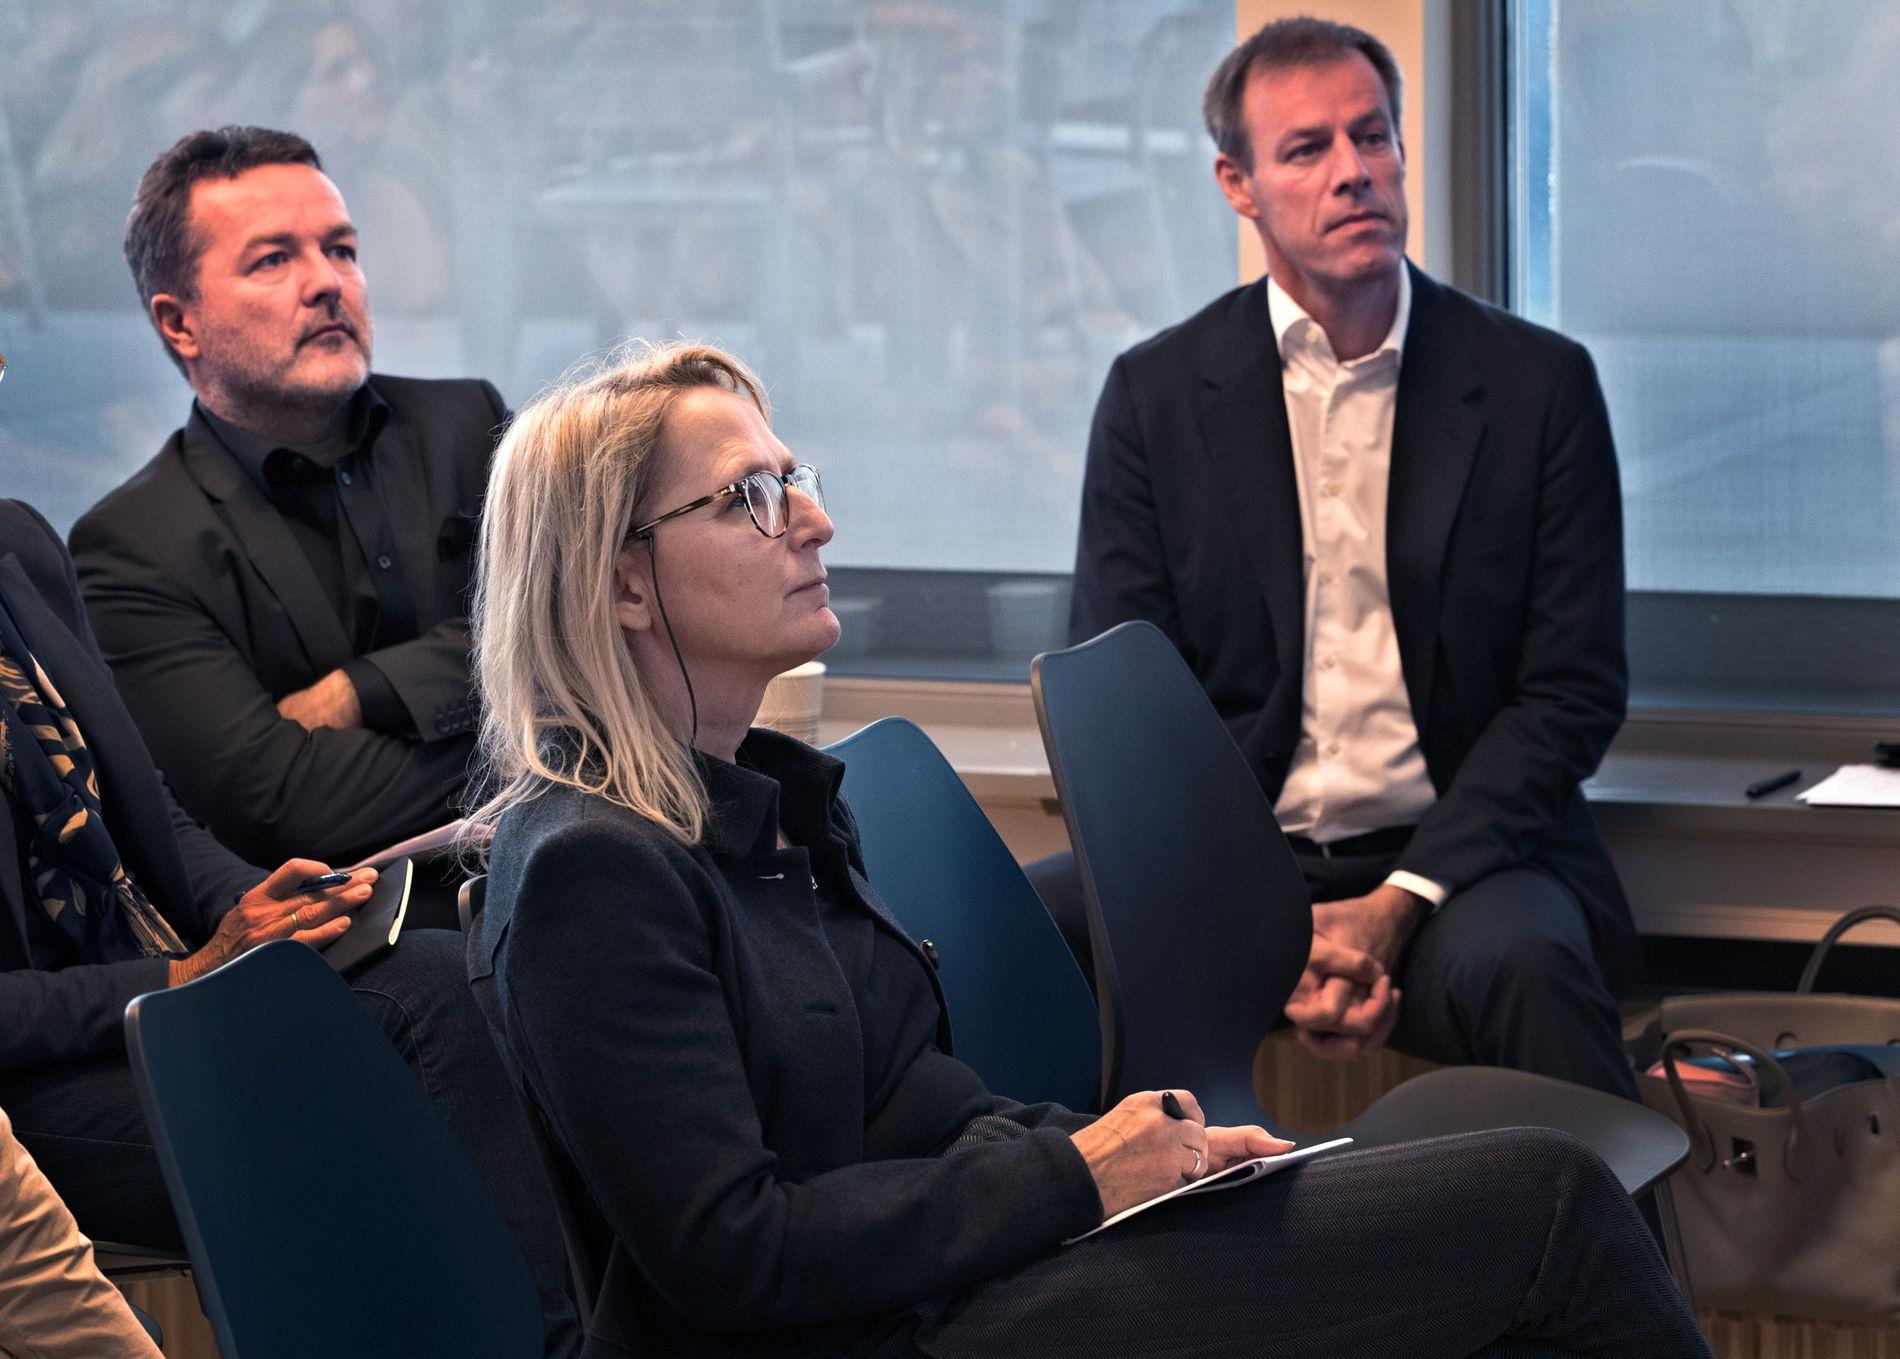 FIKK MILLIONKONTRAKT: Eierne i ILPI (fra venstre) Kjetil Tronvoll, Gro Nystuen og Njål Høstmælingen fikk 24 millioner som tilskudd. Penger de aldri skulle fått, ifølge Sentral kontrollenhet som har gransket tildelingen.